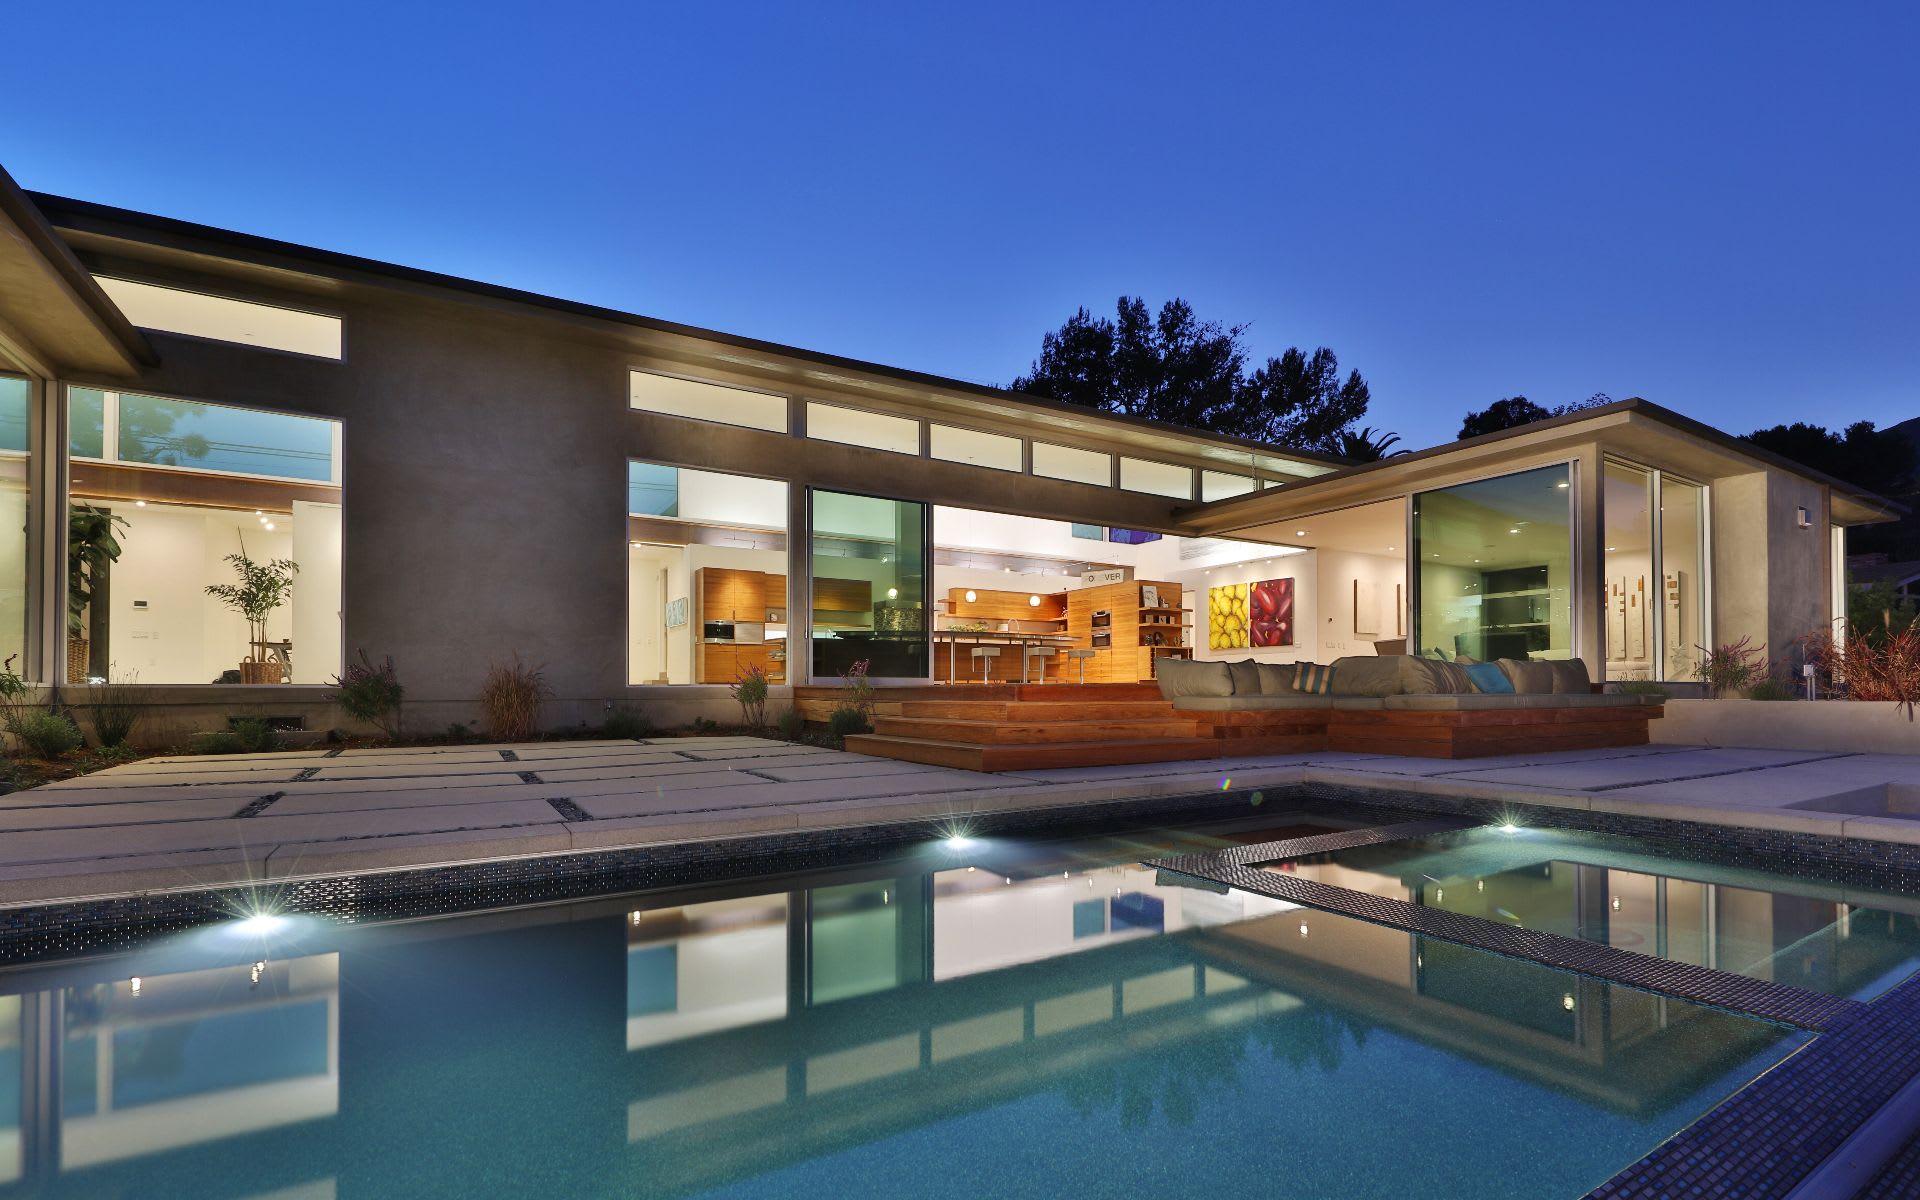 Частный дом для того Продажа на 5664 Calpine Dr 5664 Calpine Dr Malibu, Калифорния,90265 Соединенные Штаты